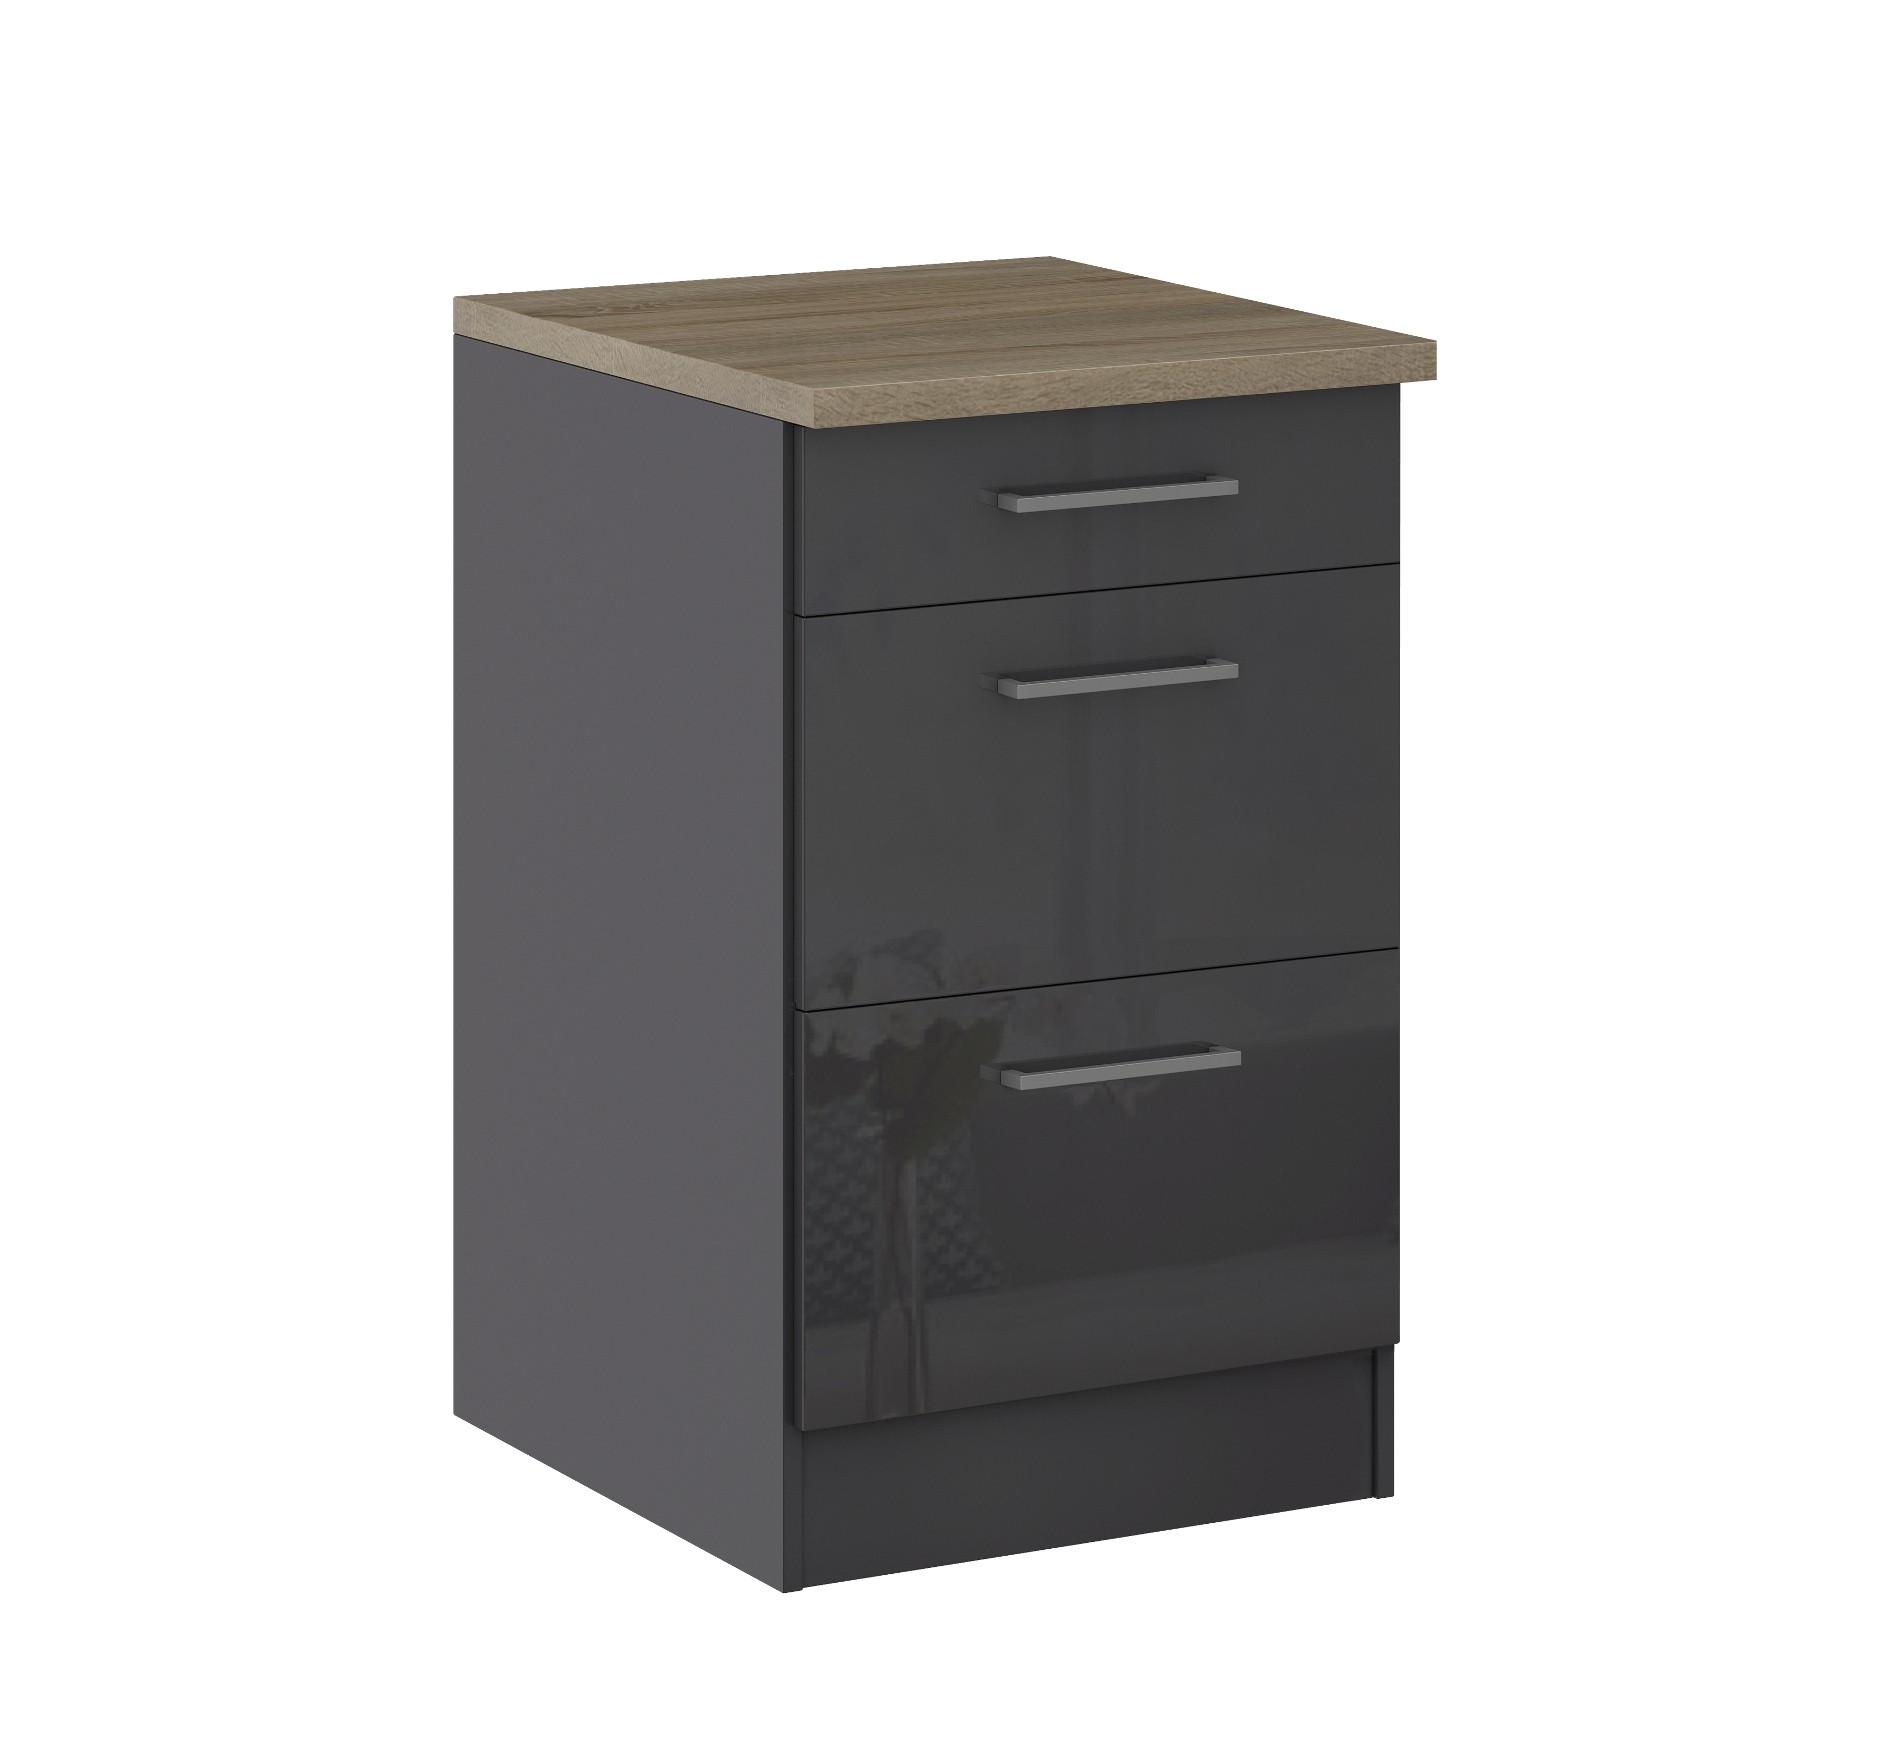 k chen unterschrank m nchen 2 ausz ge 1 schublade. Black Bedroom Furniture Sets. Home Design Ideas